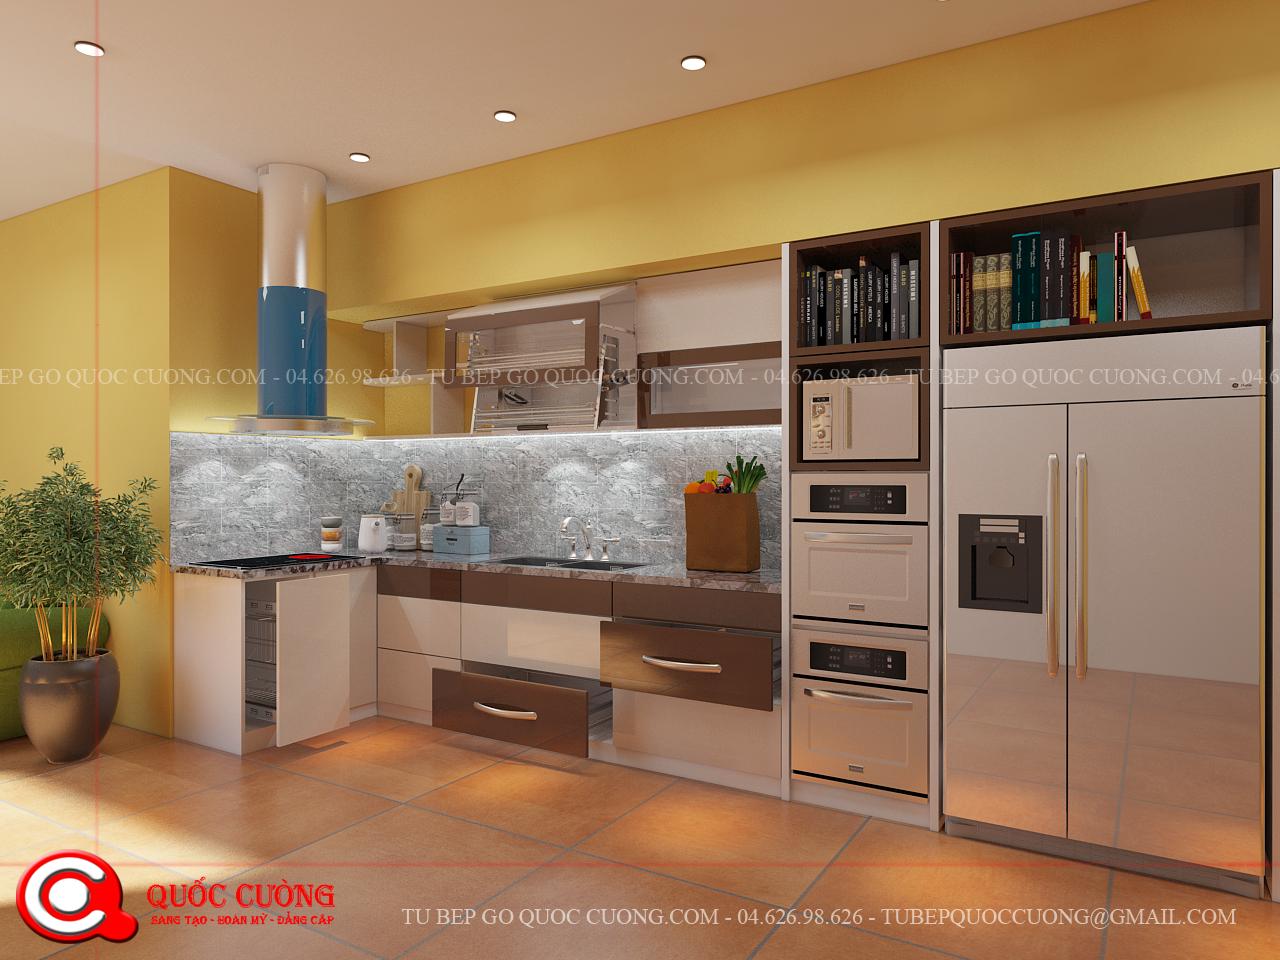 mẫu tủ bếp Acrylic được lựa chọn nhiều nhất năm nay